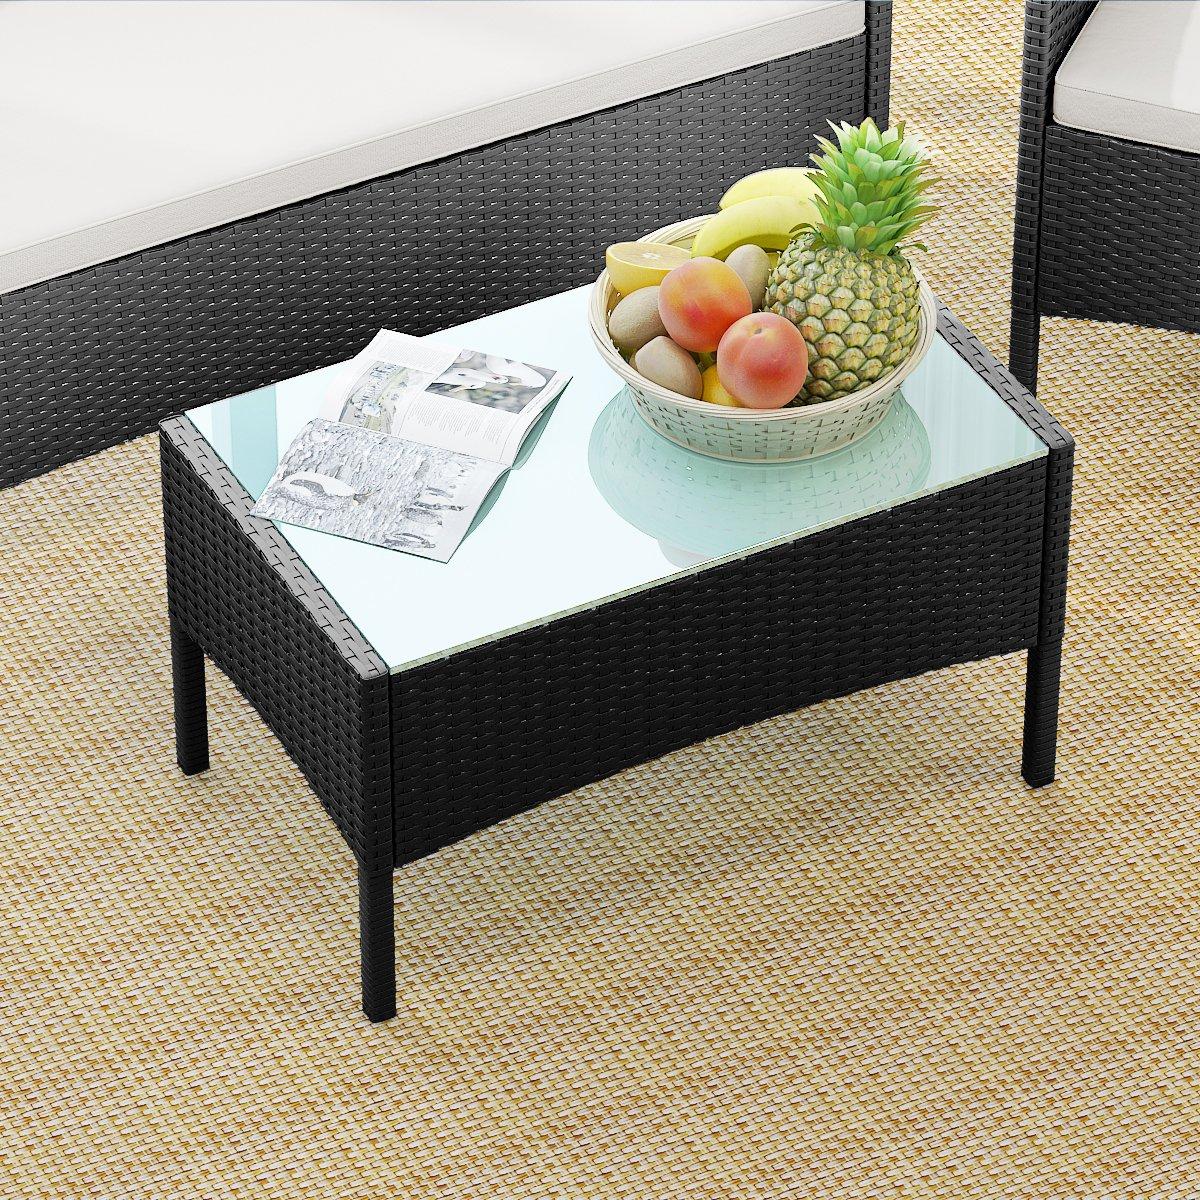 Sanmey set mobili da giardino in rattan divano indoor outdoor Set di 4/tavoli e sedie